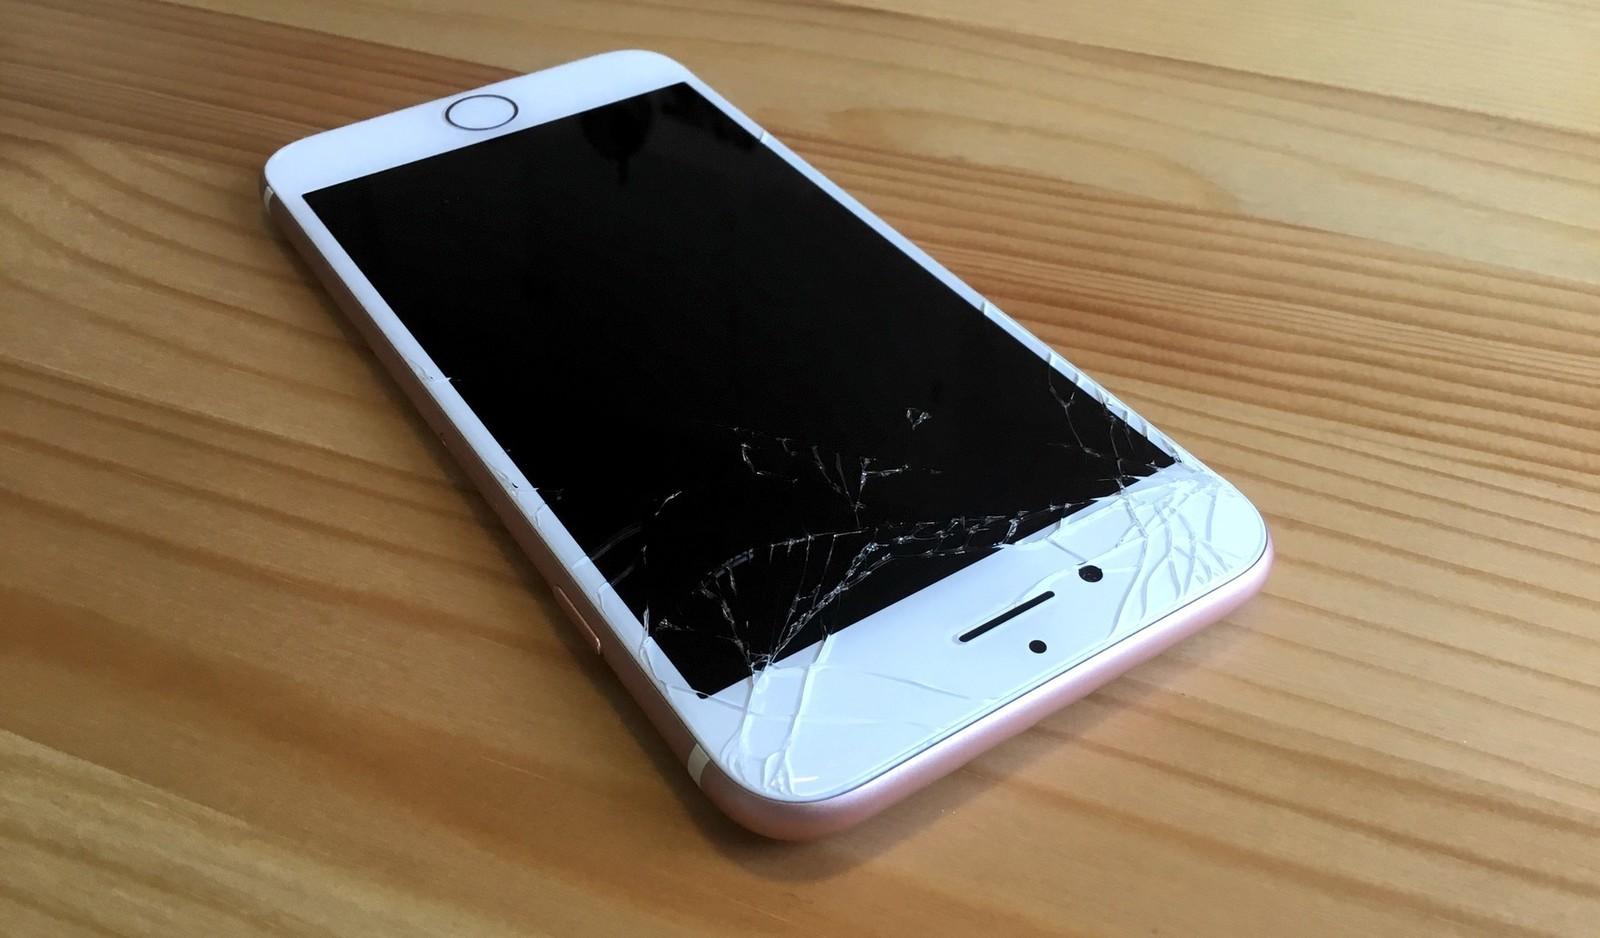 راهنمای تعویض گلس یا شیشه شکسته Apple iPhone 7